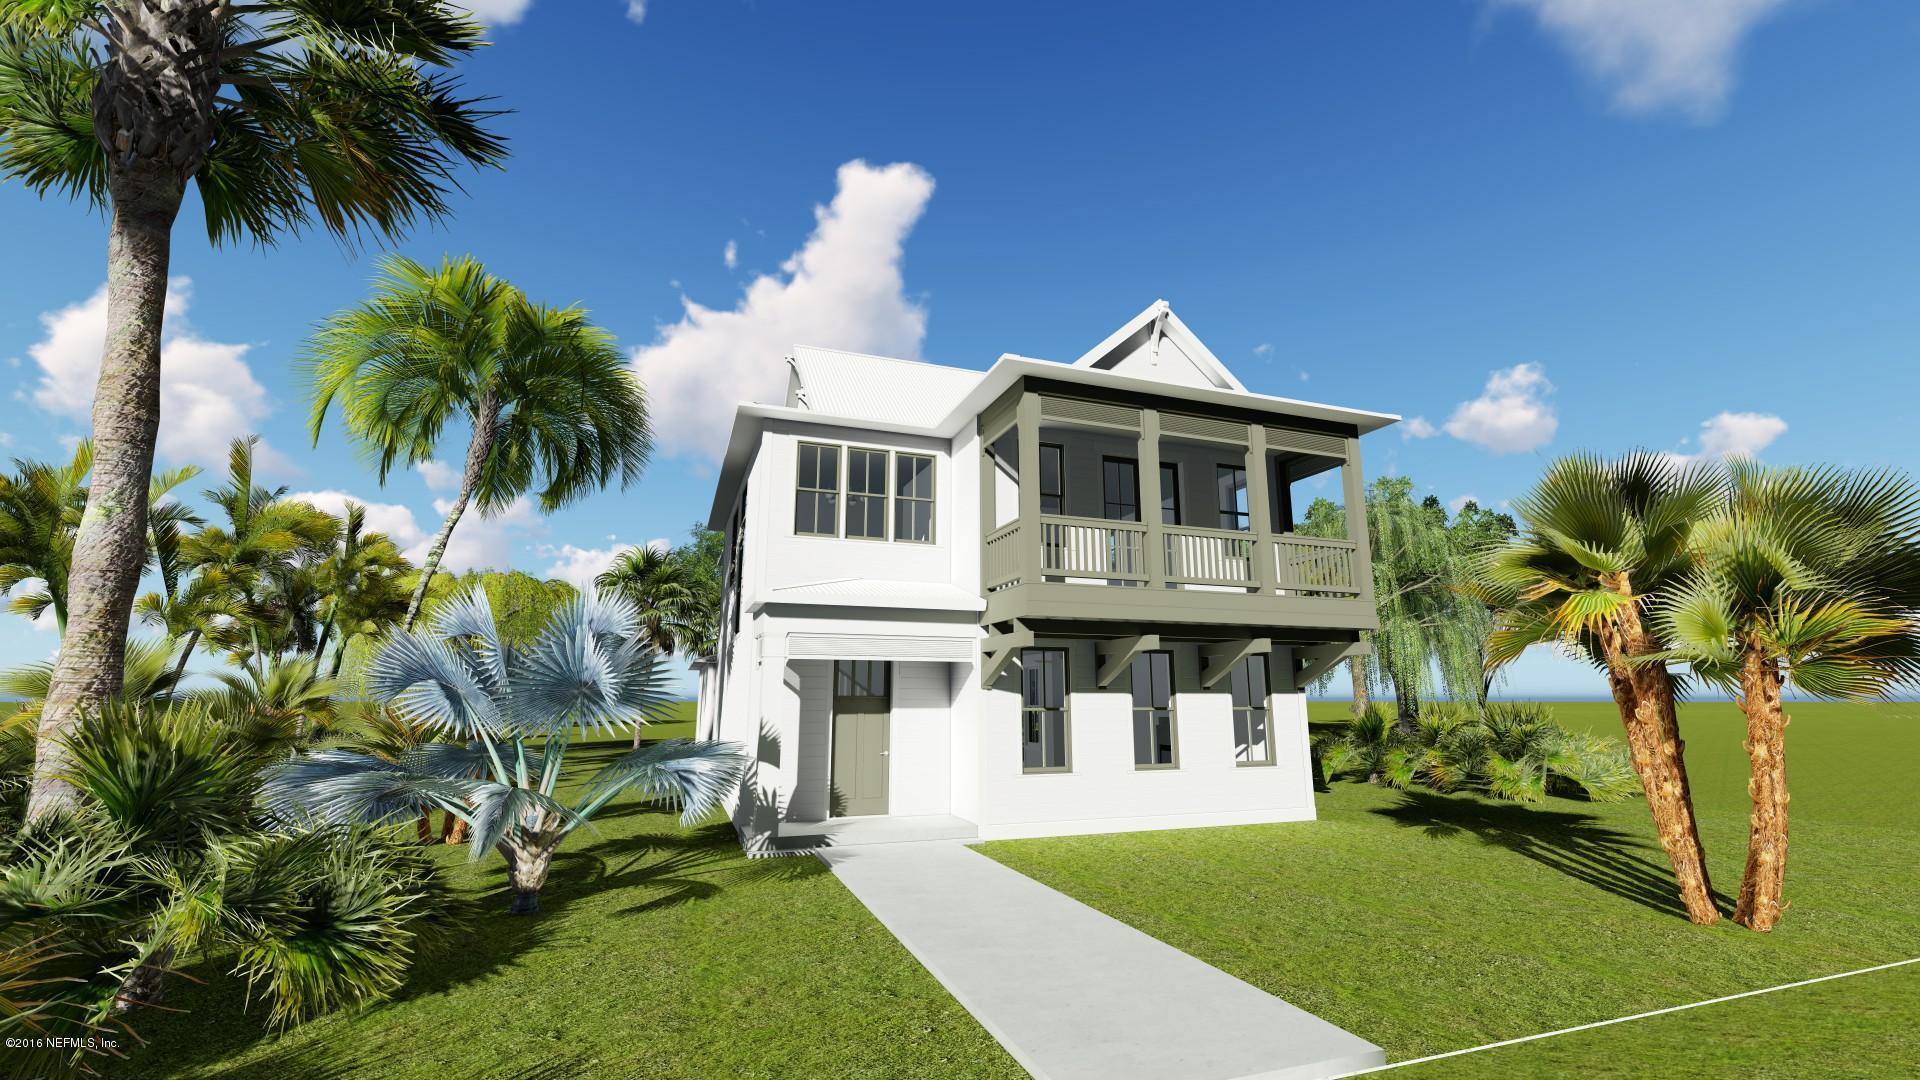 205 ALCAZAR,ST AUGUSTINE,FLORIDA 32080,3 Bedrooms Bedrooms,2 BathroomsBathrooms,Residential - single family,ALCAZAR,842252